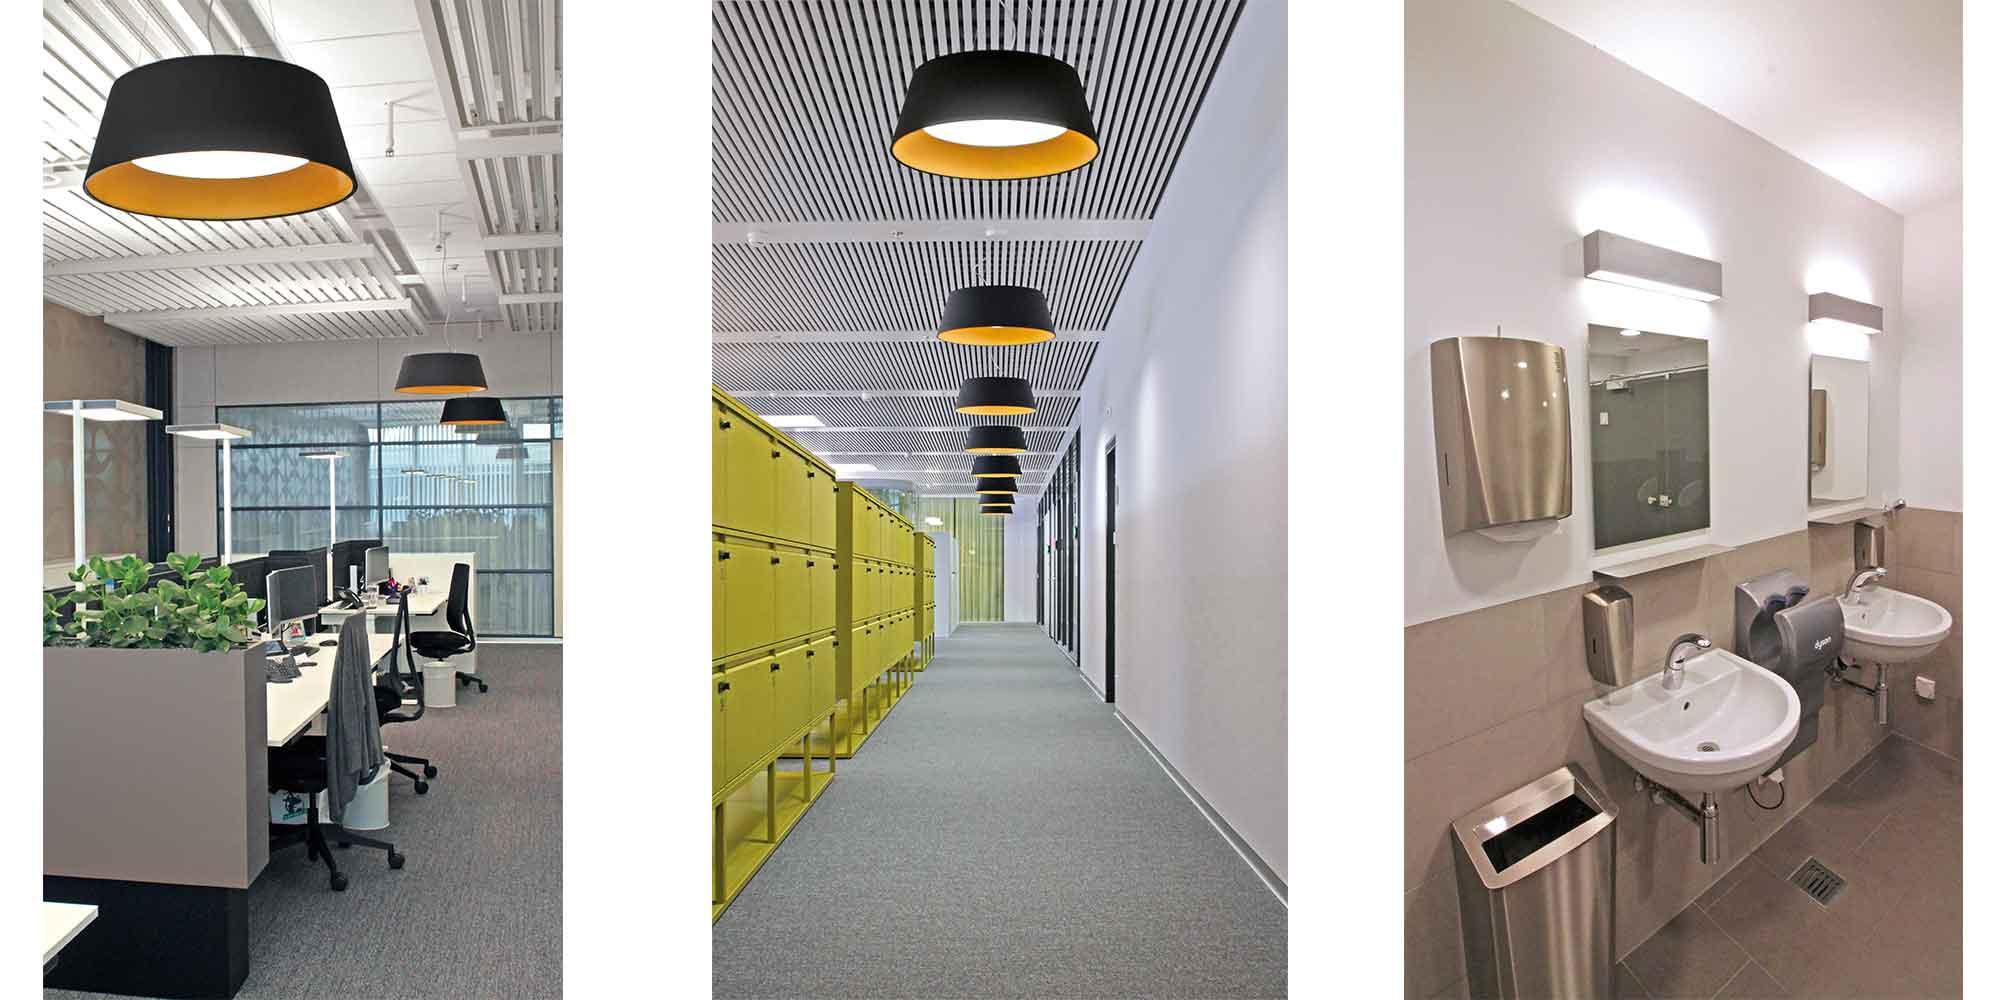 Der Flur eines Grossraumbüros in Schönbühl mit den eleganten Beam me up von Lightnet ausgestattet, ausserdem werden die Toiletten mit den Matric Wandleuchten auch von Lightnet ausgestattet